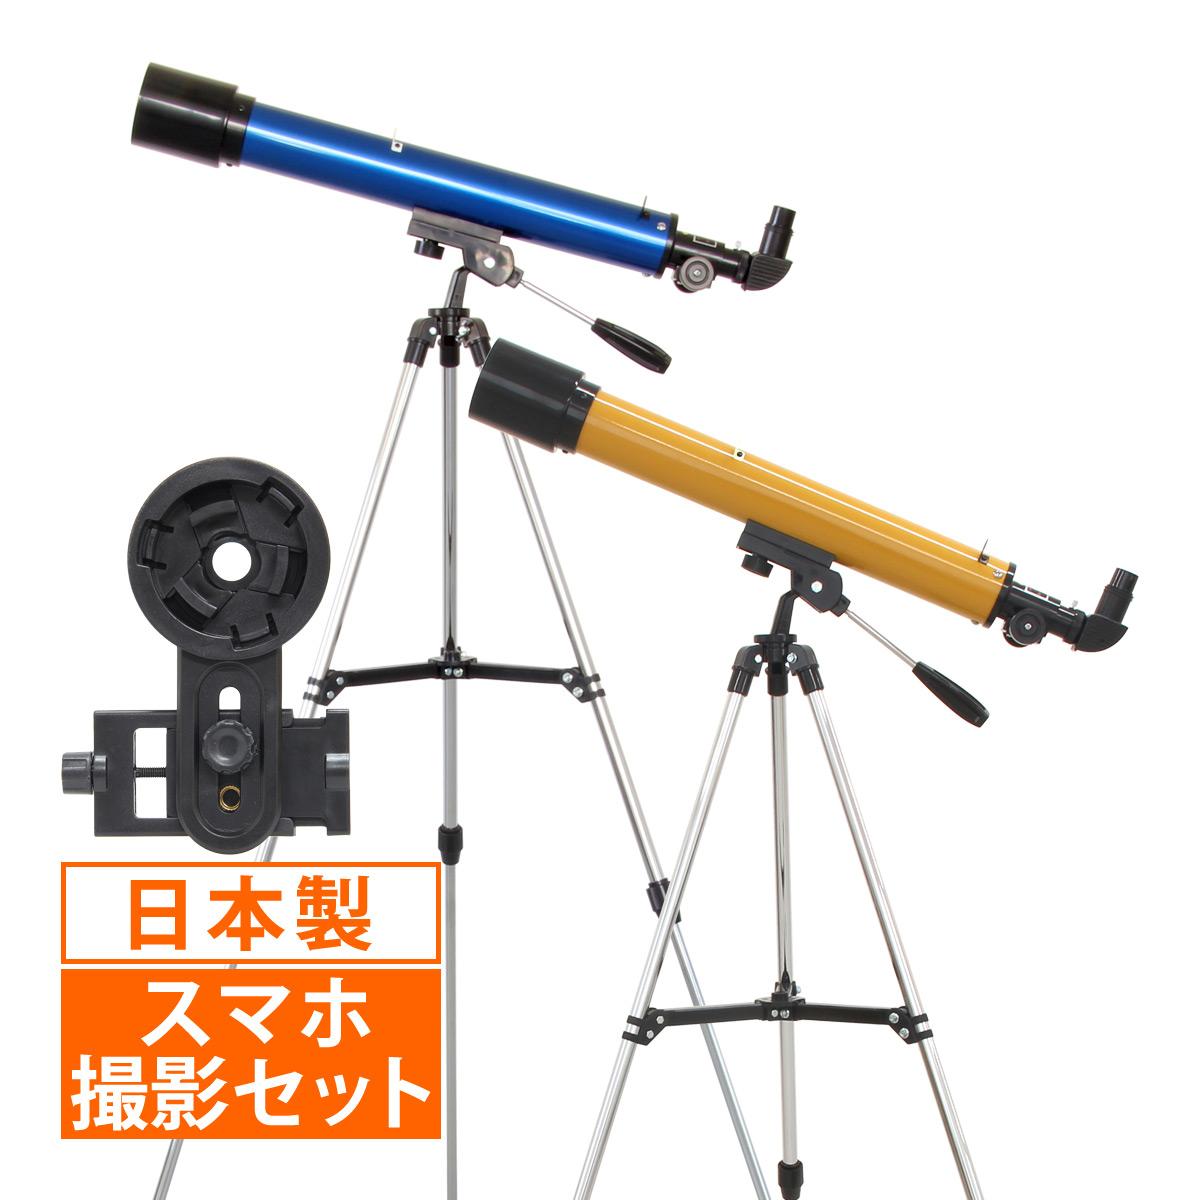 おすすめ 口径60mm 日本製 初心者 スマホ カメラアダプター 子供 屈折式 【20日限定クーポン配布中】天体望遠鏡 入門 レグルス60 入学祝い 小学生